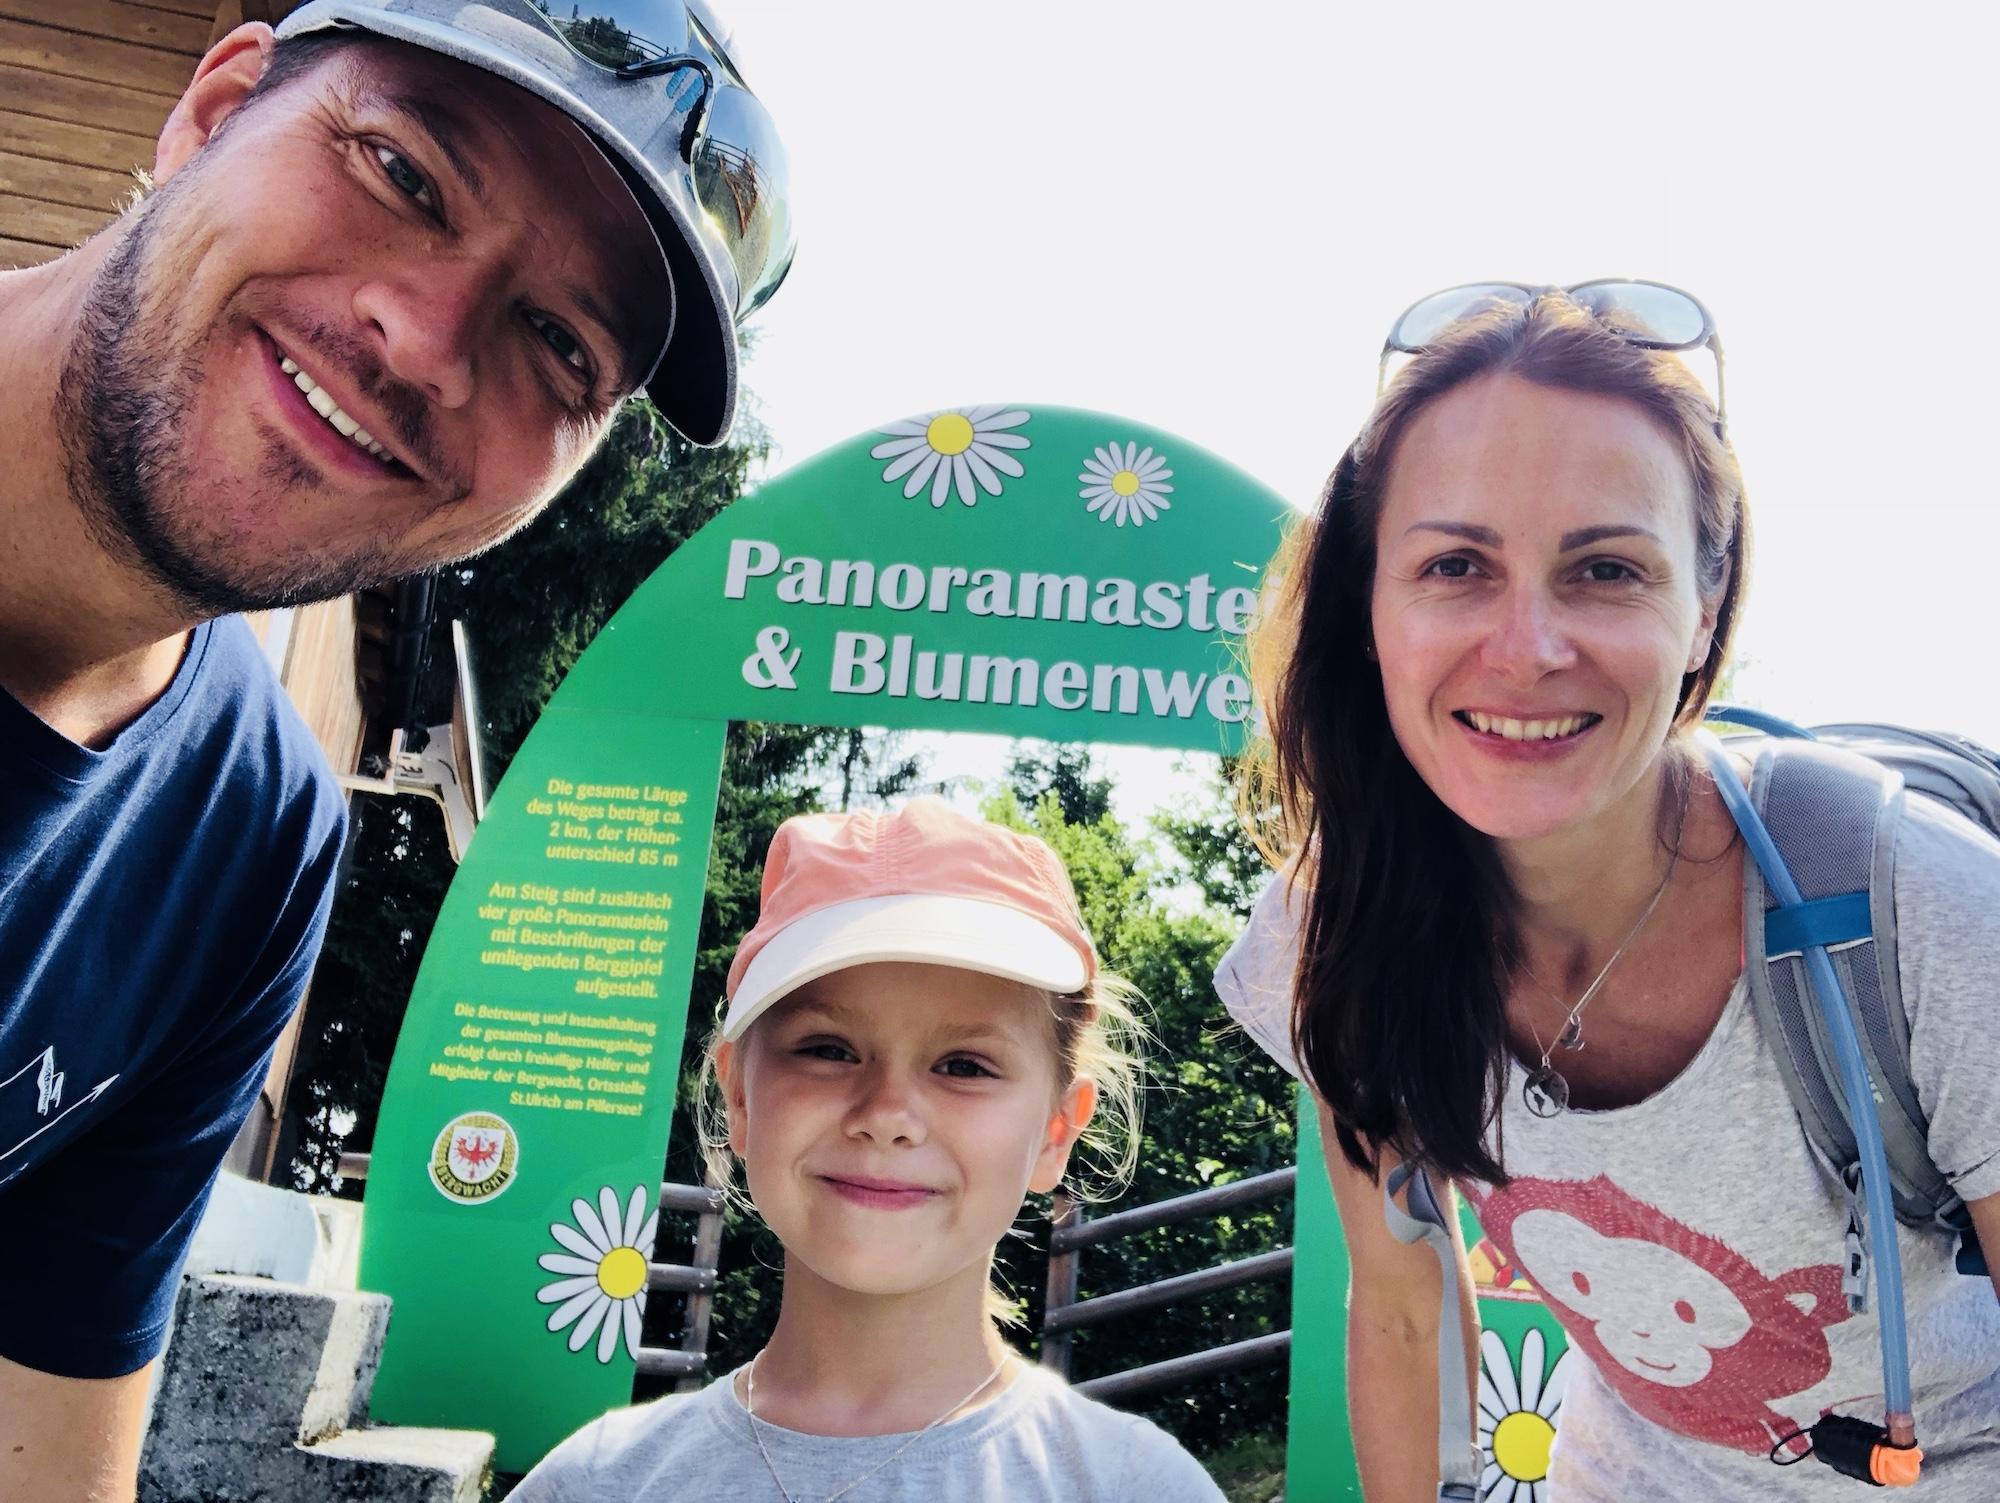 Familie vor dem Eingang zum Panoramasteig Blumenweg beim Jakobskreuz, Tirol in Österreich